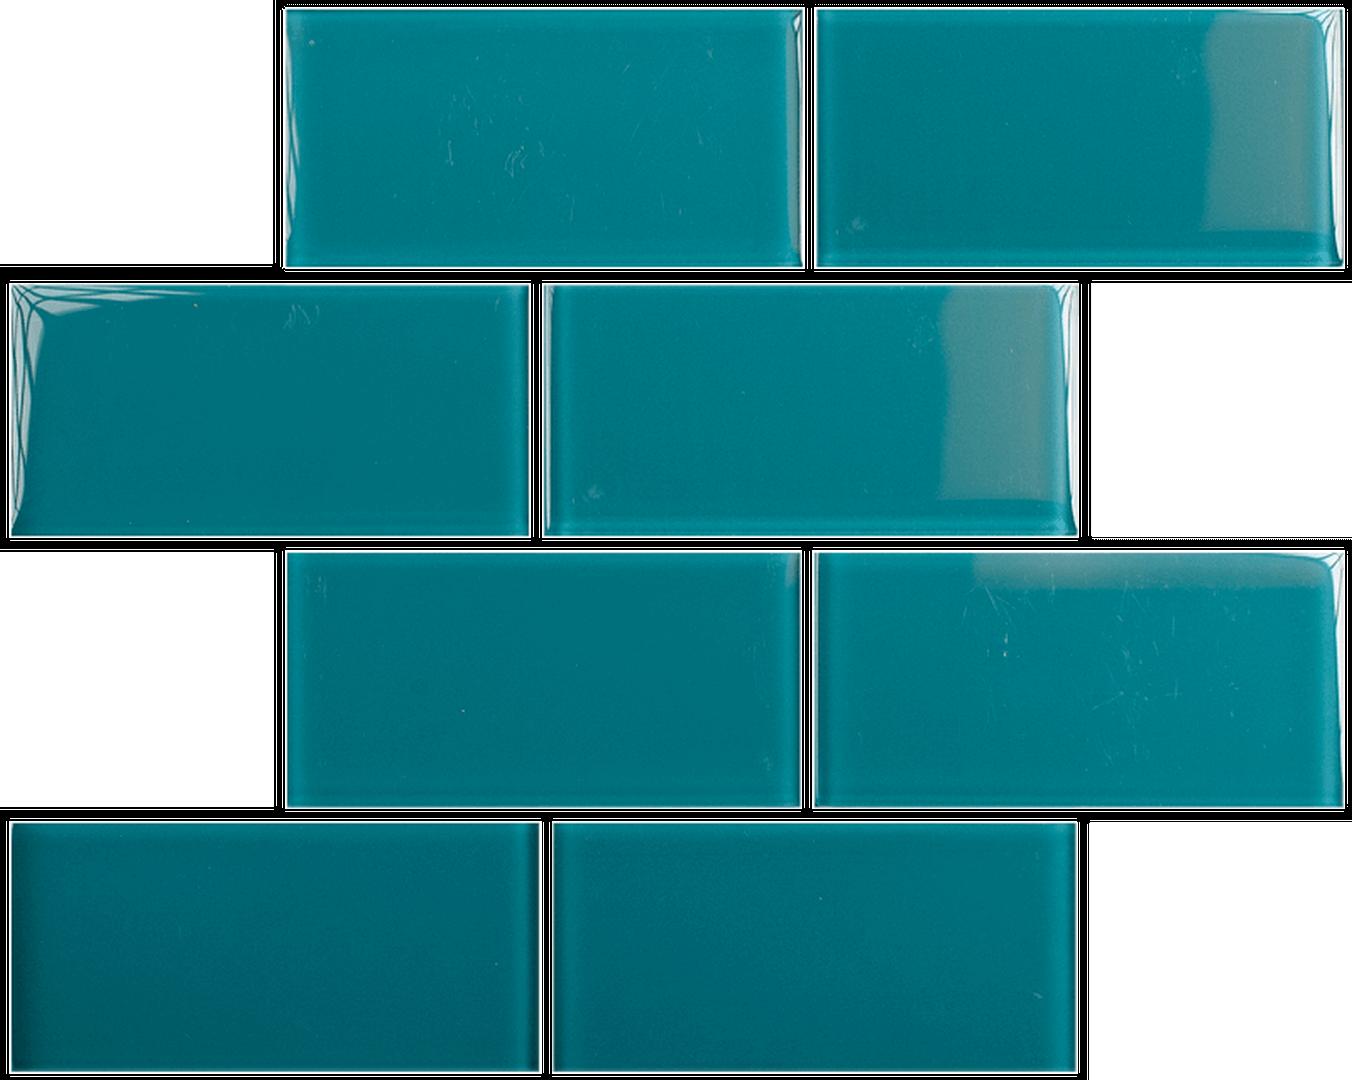 Crystal 3 x 6 Subway Tiles Teal - Ann Arbor Stone & Tile